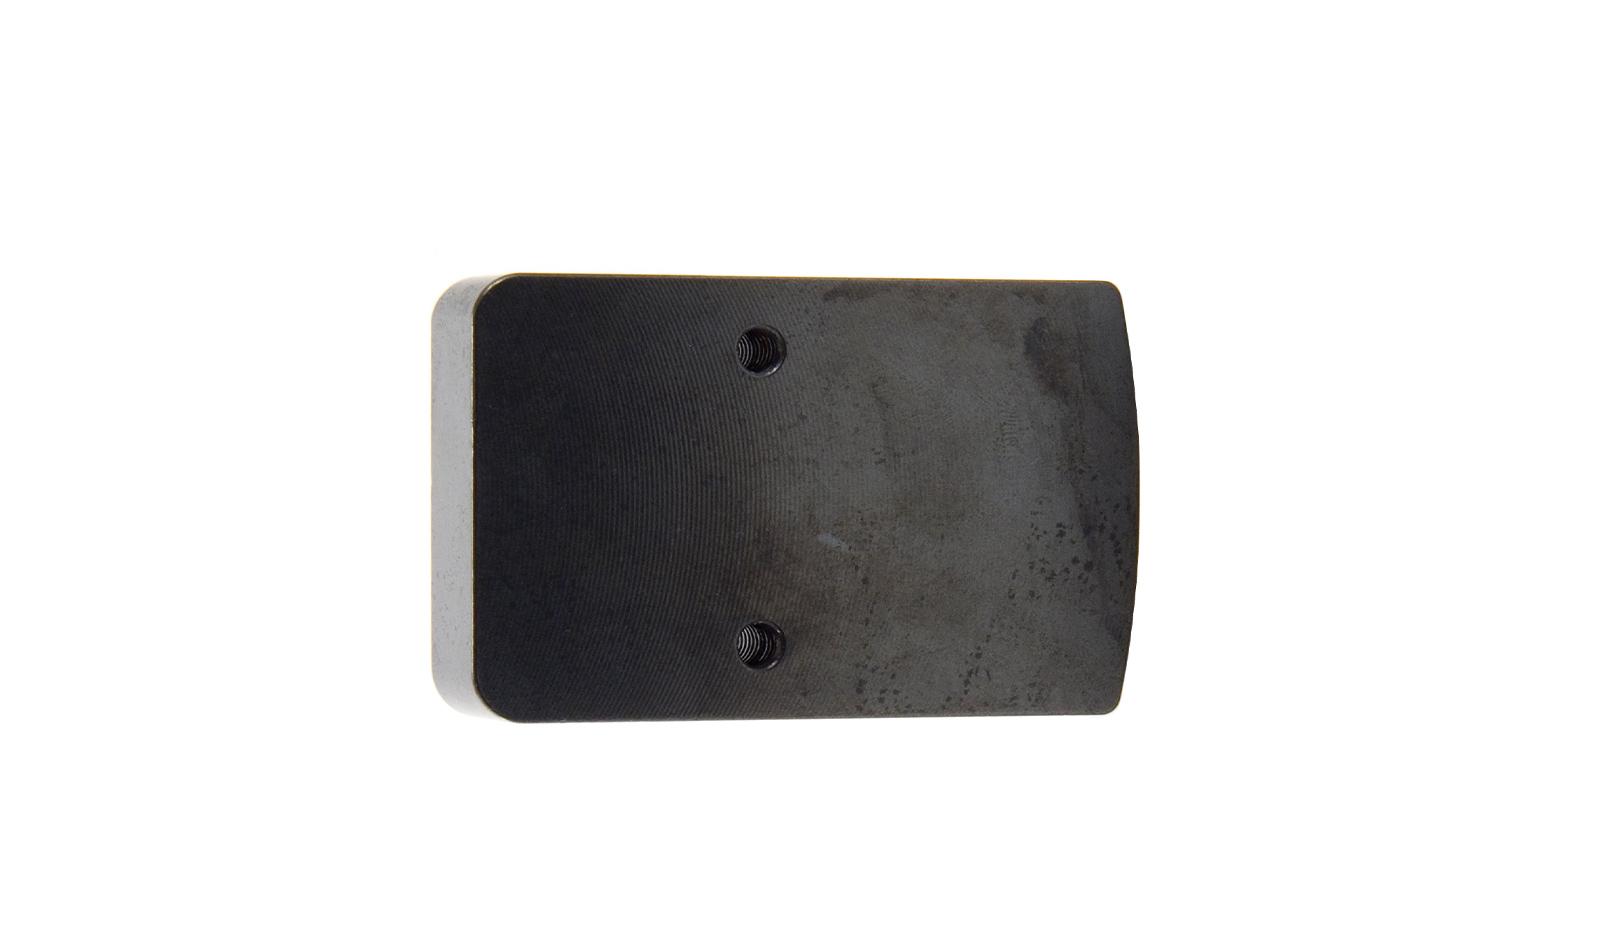 RM62 angle 3